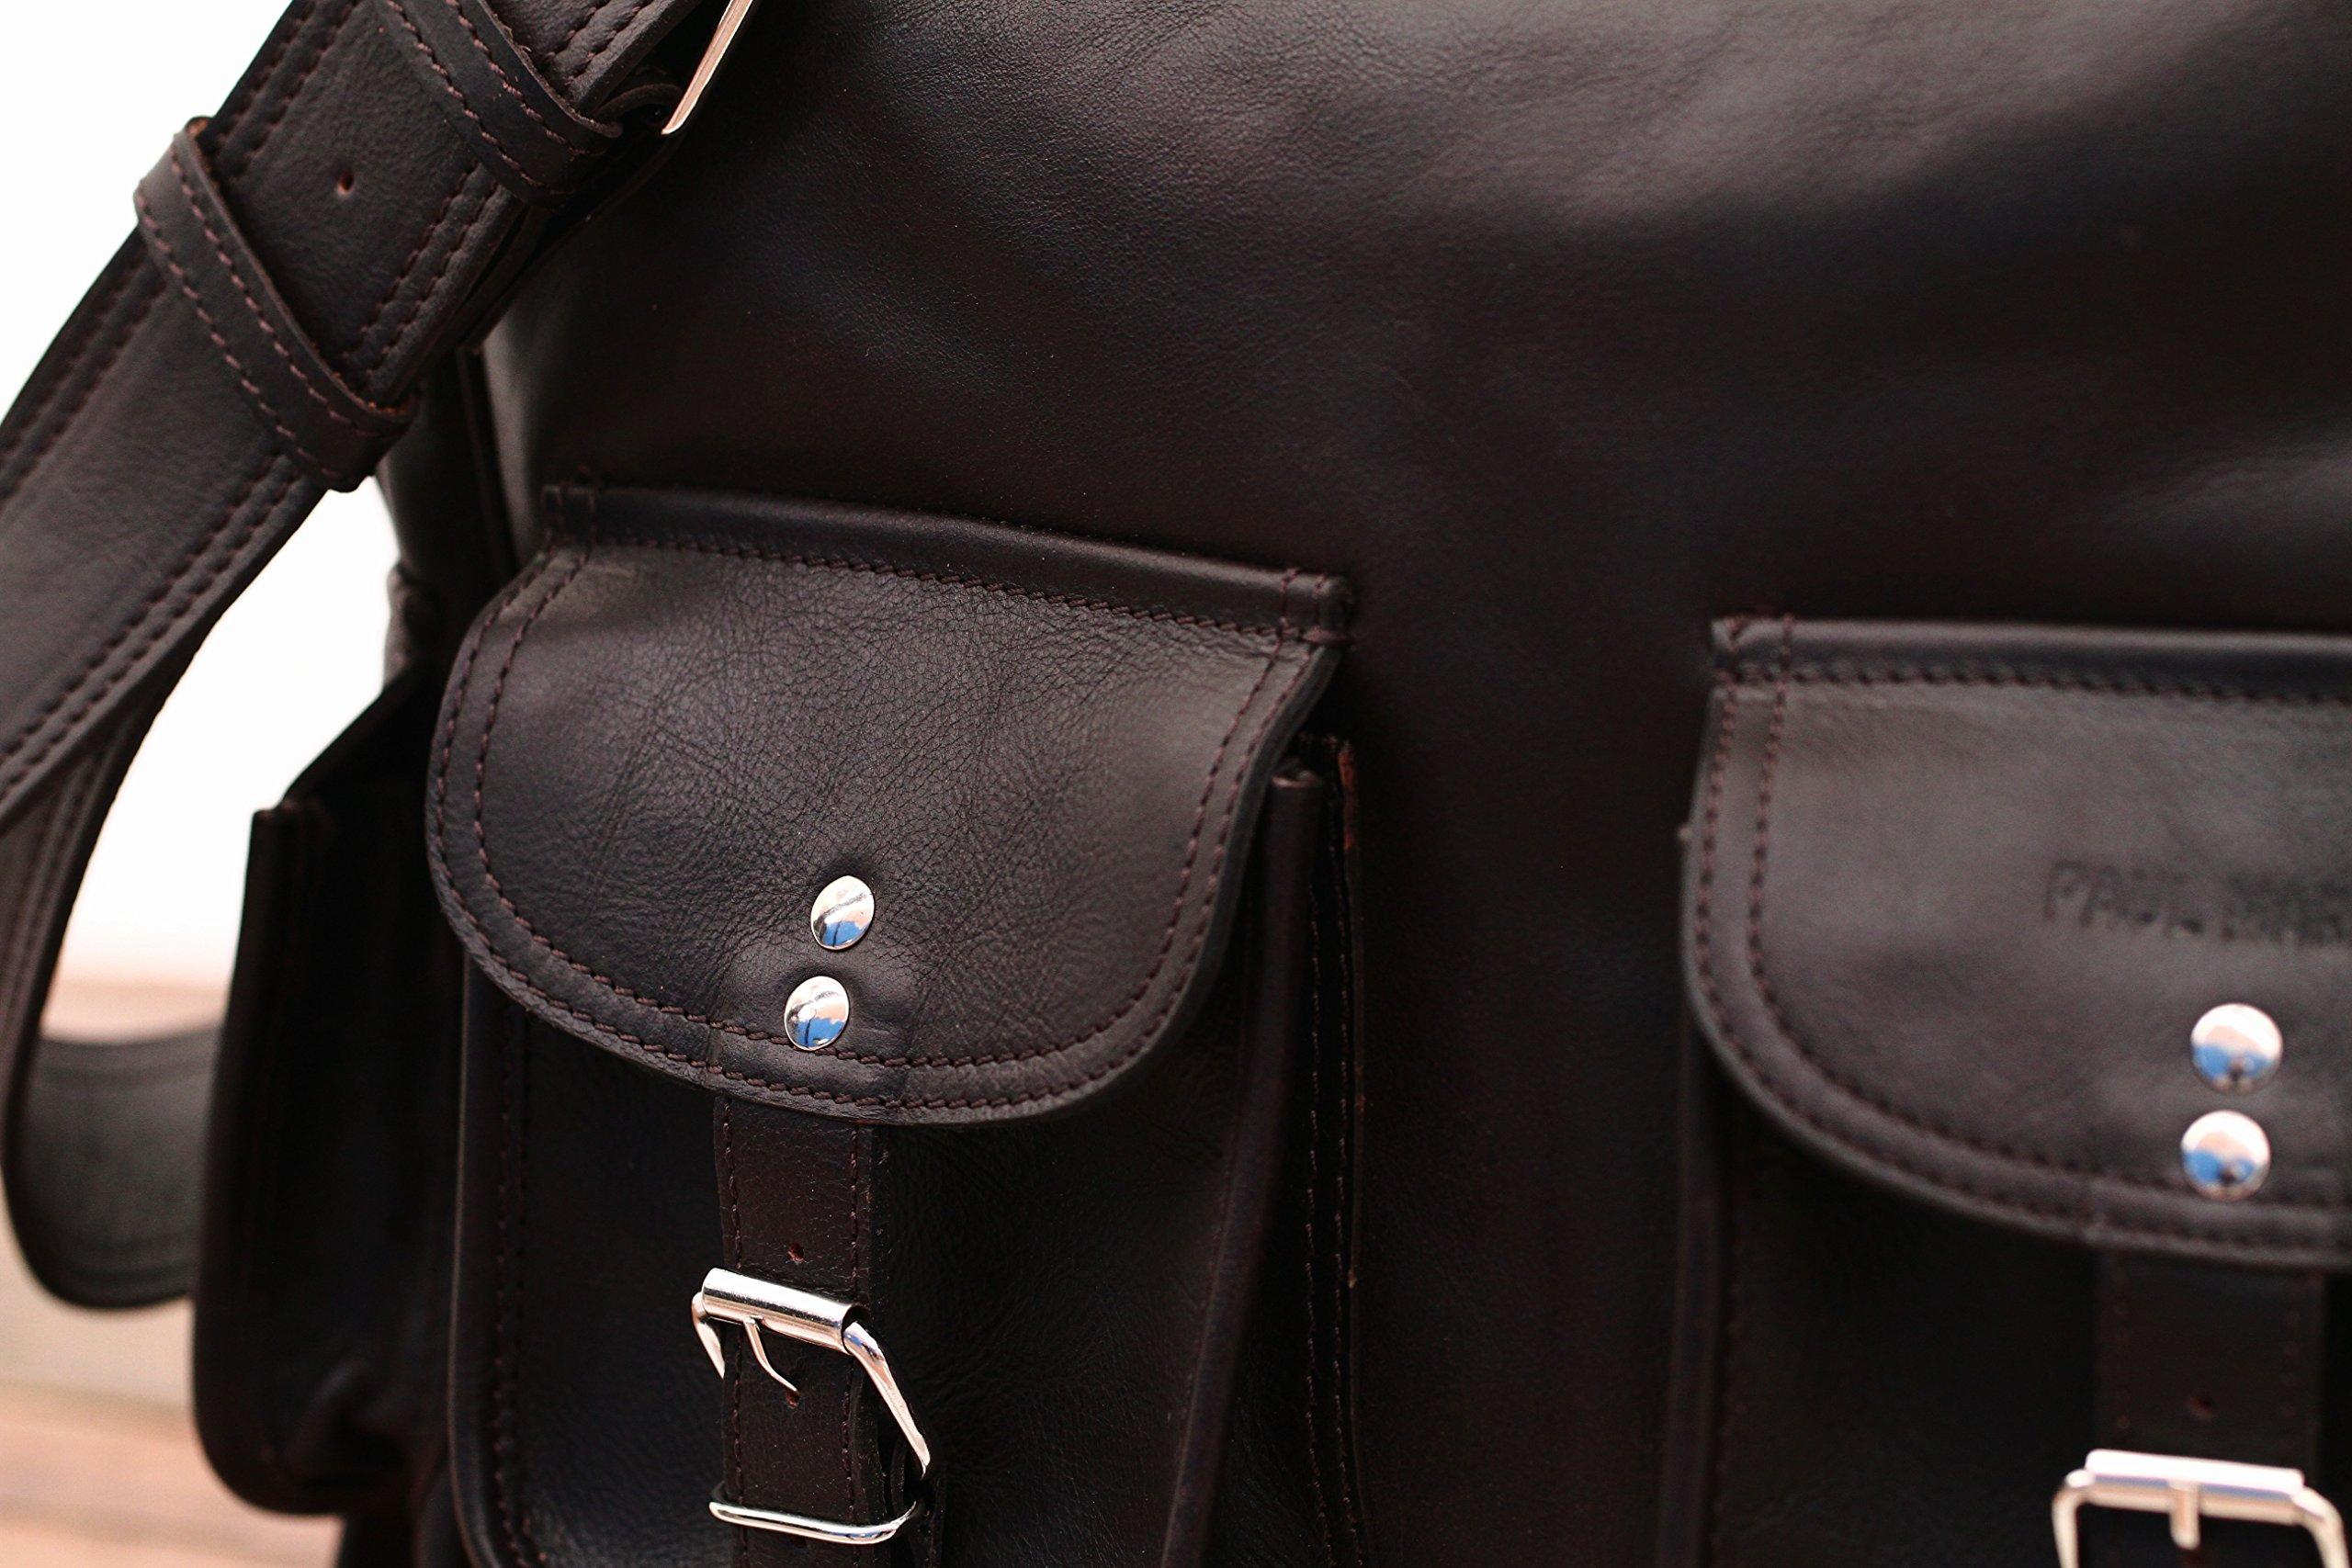 81pCW%2BQ1q5L - PAUL MARIUS LE MULTIPOCHES INDUS, Bolso bandolera de cuero, estilo vintage, bandolera de cuero, bolso con bolsillos…